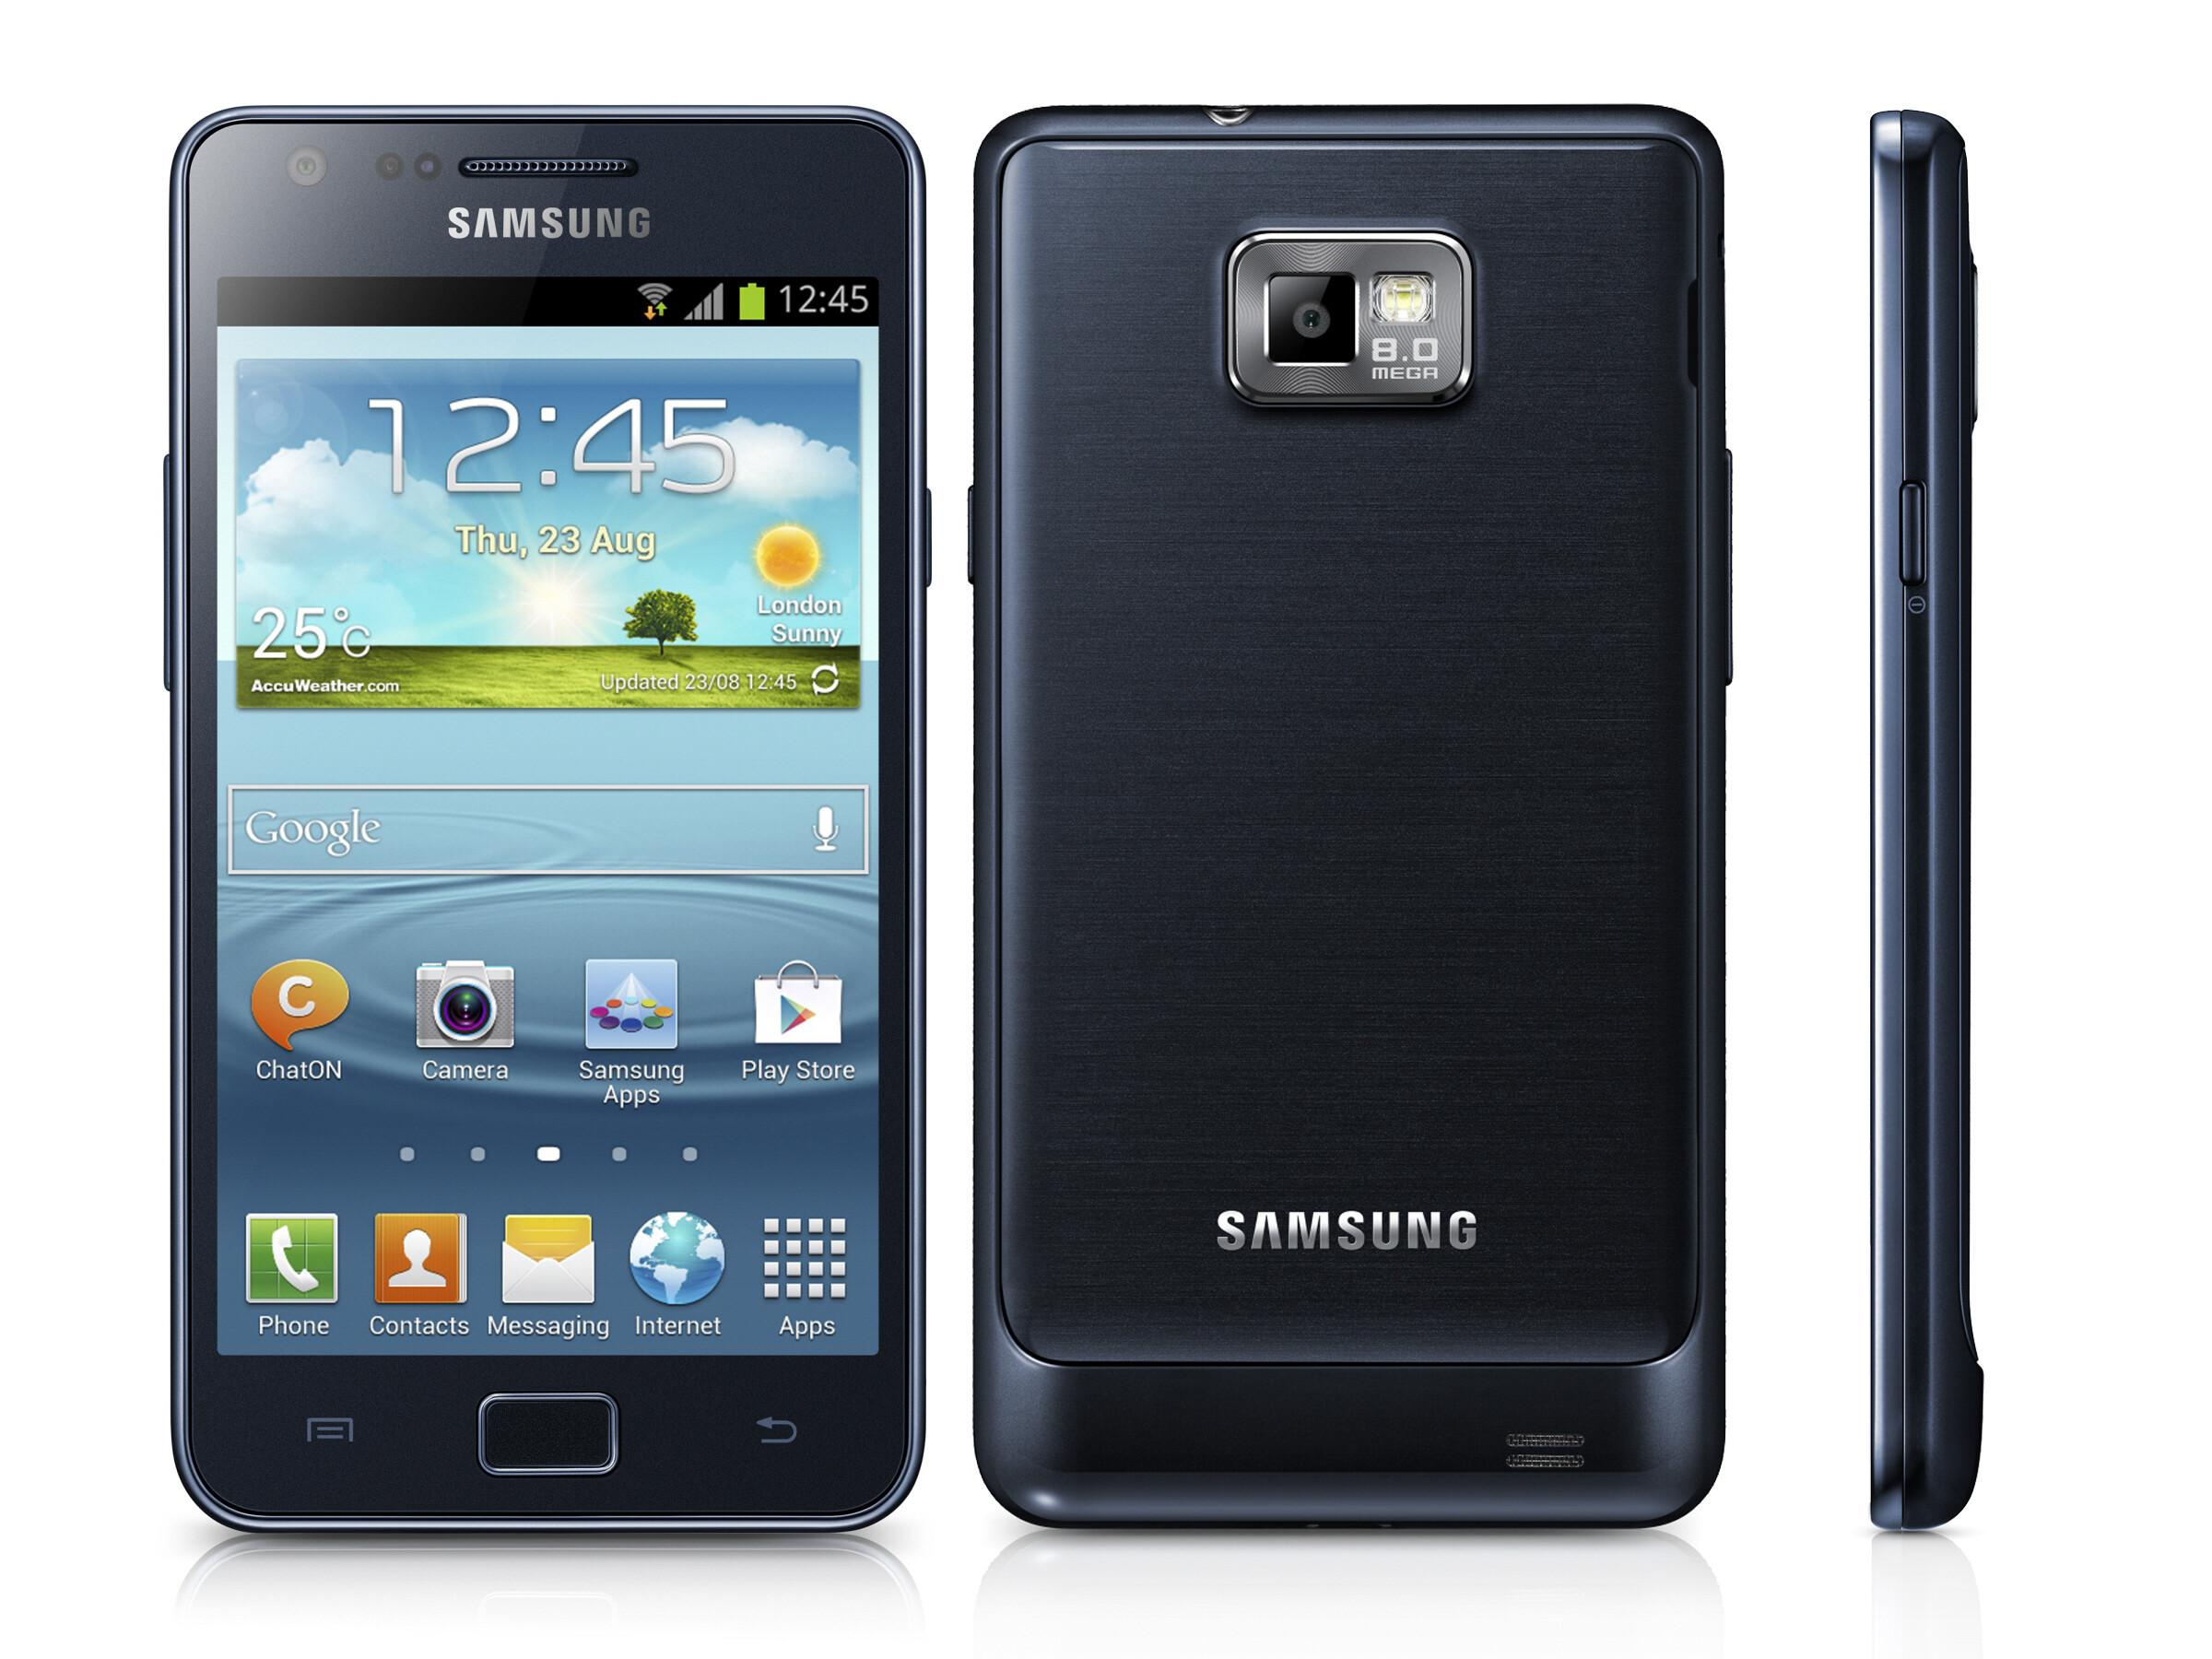 Galaxy S II (2011)